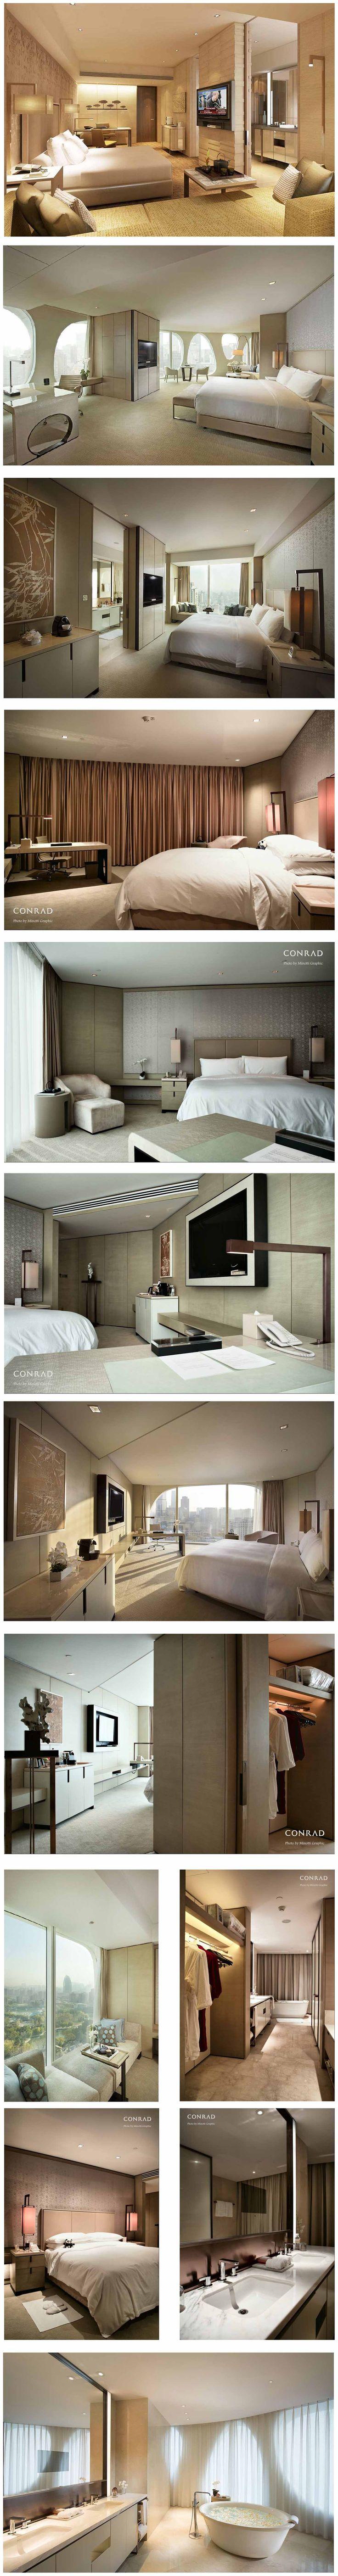 北京康德莱大酒店